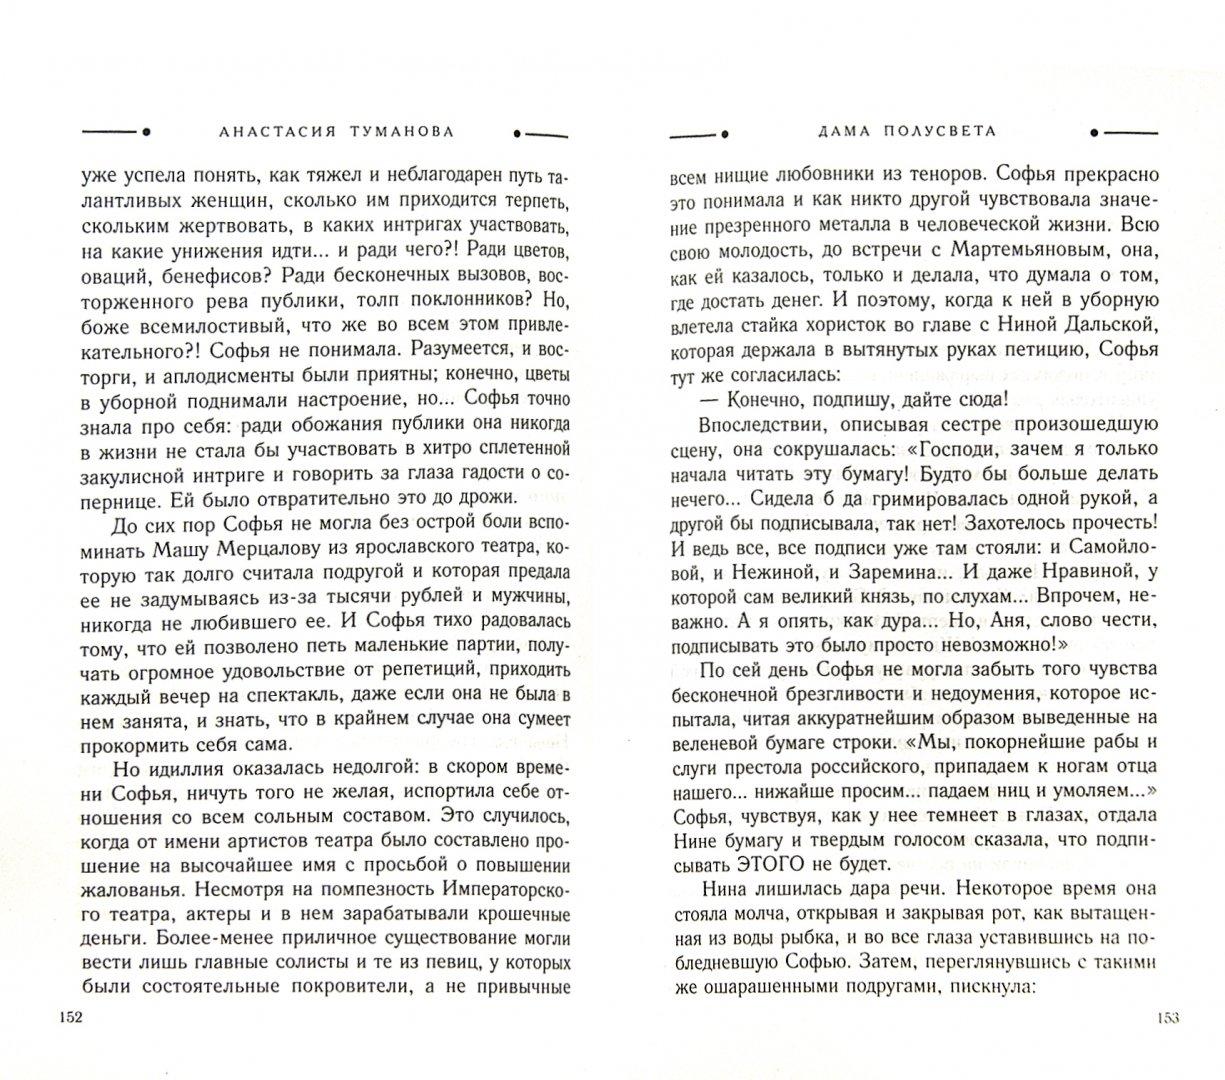 Иллюстрация 1 из 11 для Дама полусвета - Анастасия Туманова | Лабиринт - книги. Источник: Лабиринт